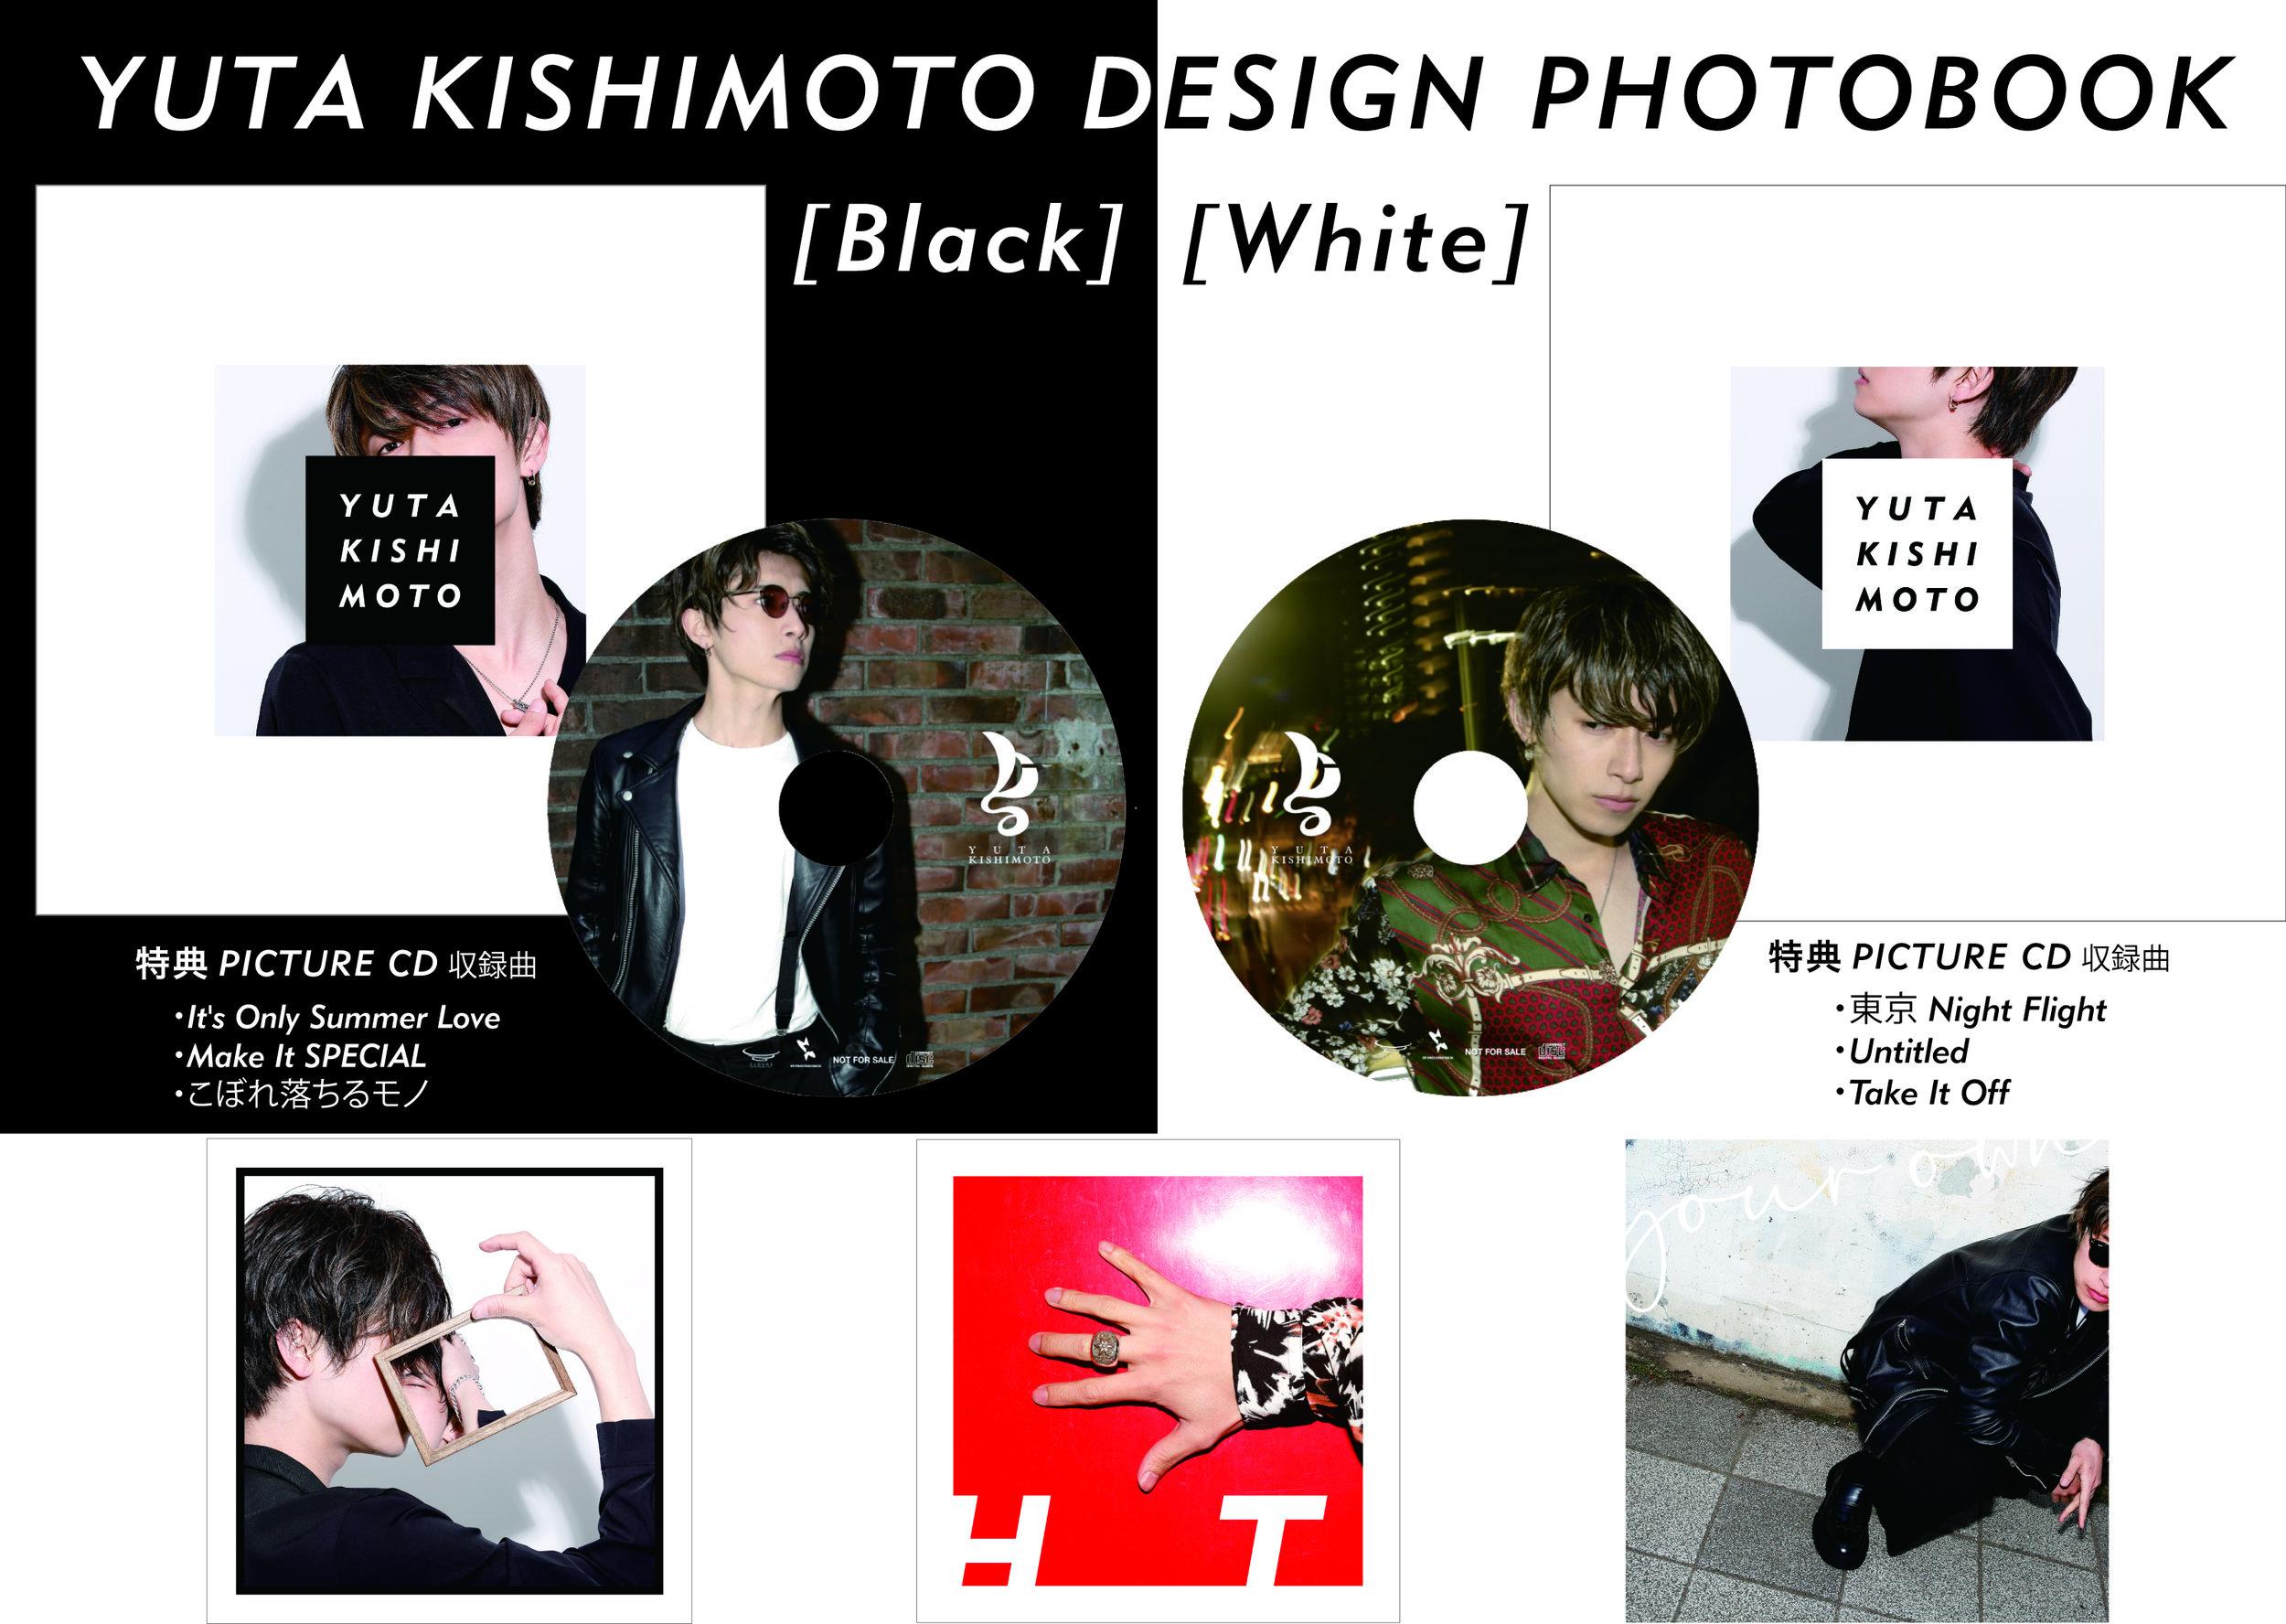 yutakishimotophotobook_修正.jpg